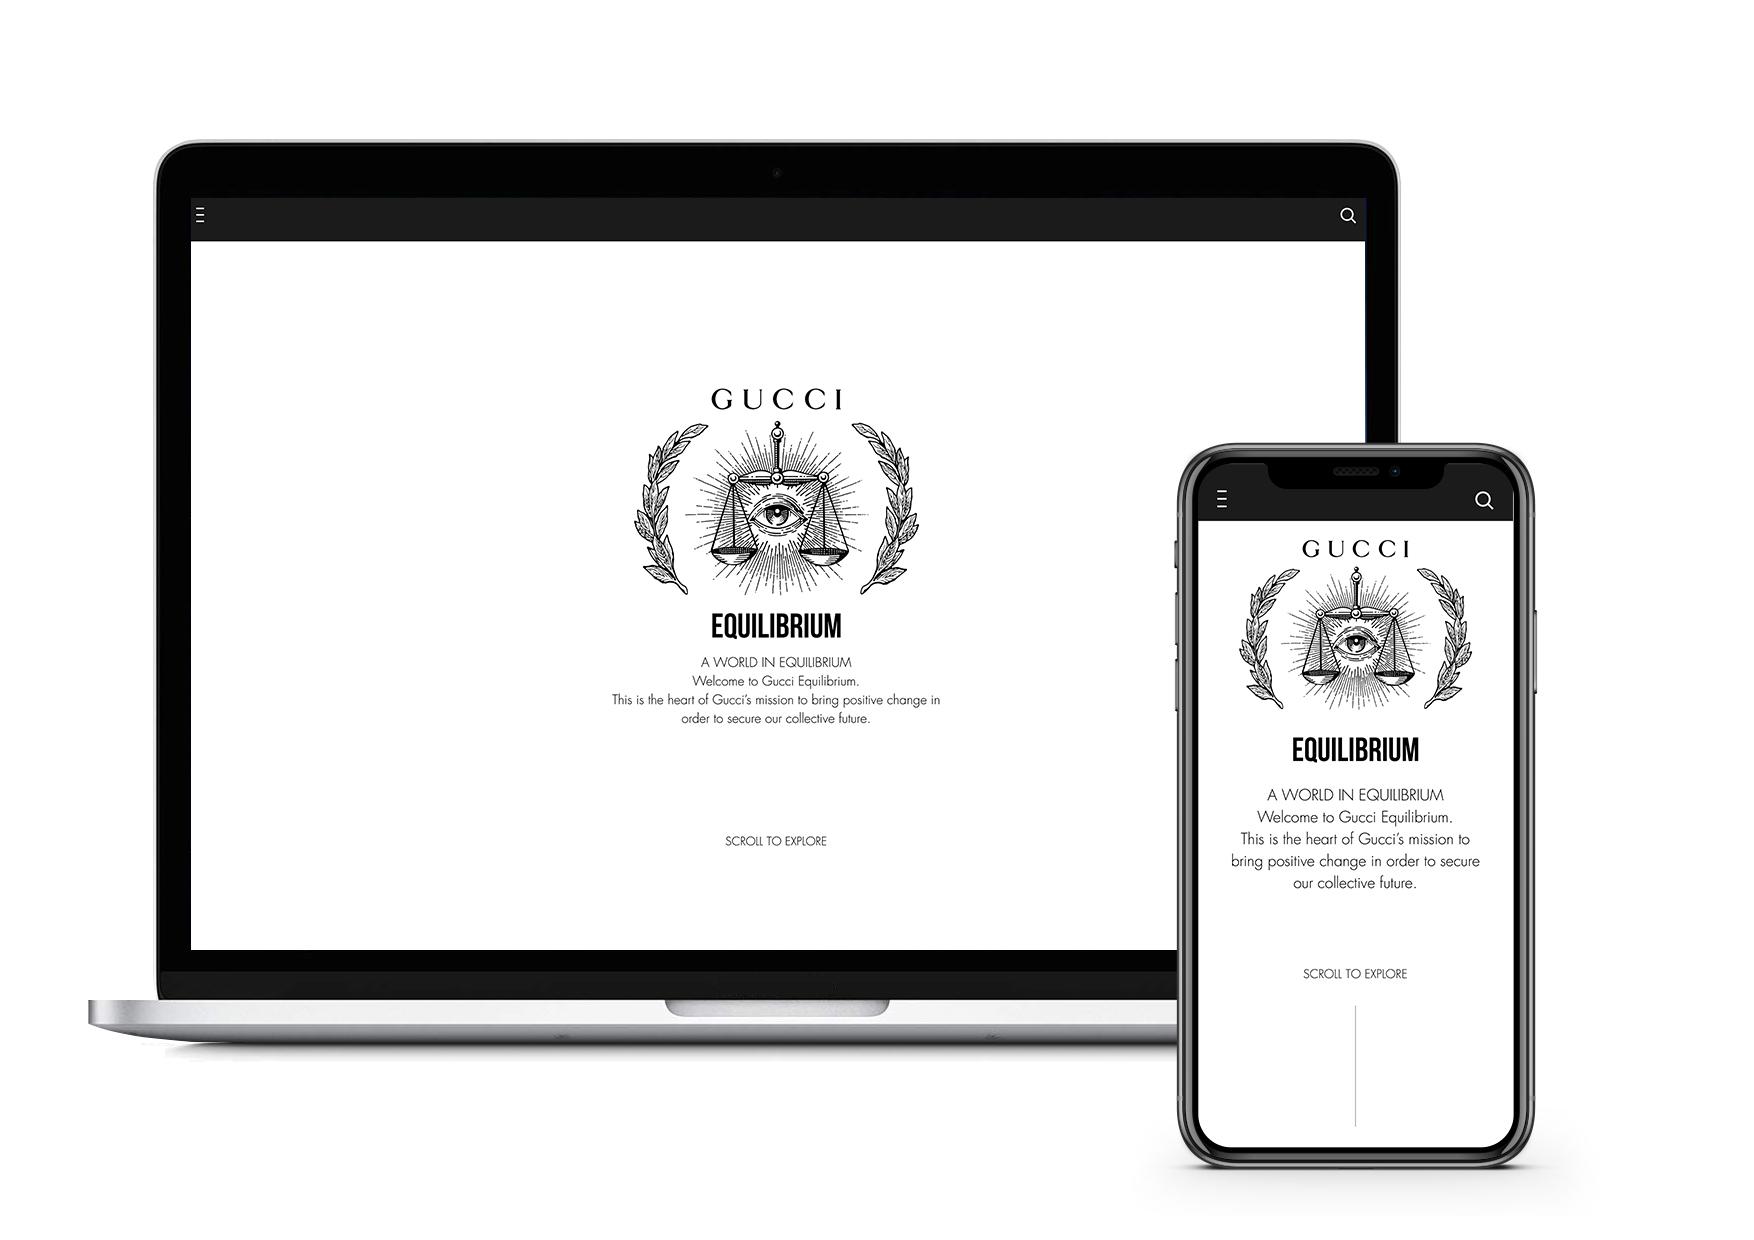 Site da Gucci Equilibrium, que mostra dados sobre sua performance ambiental / Cortesia